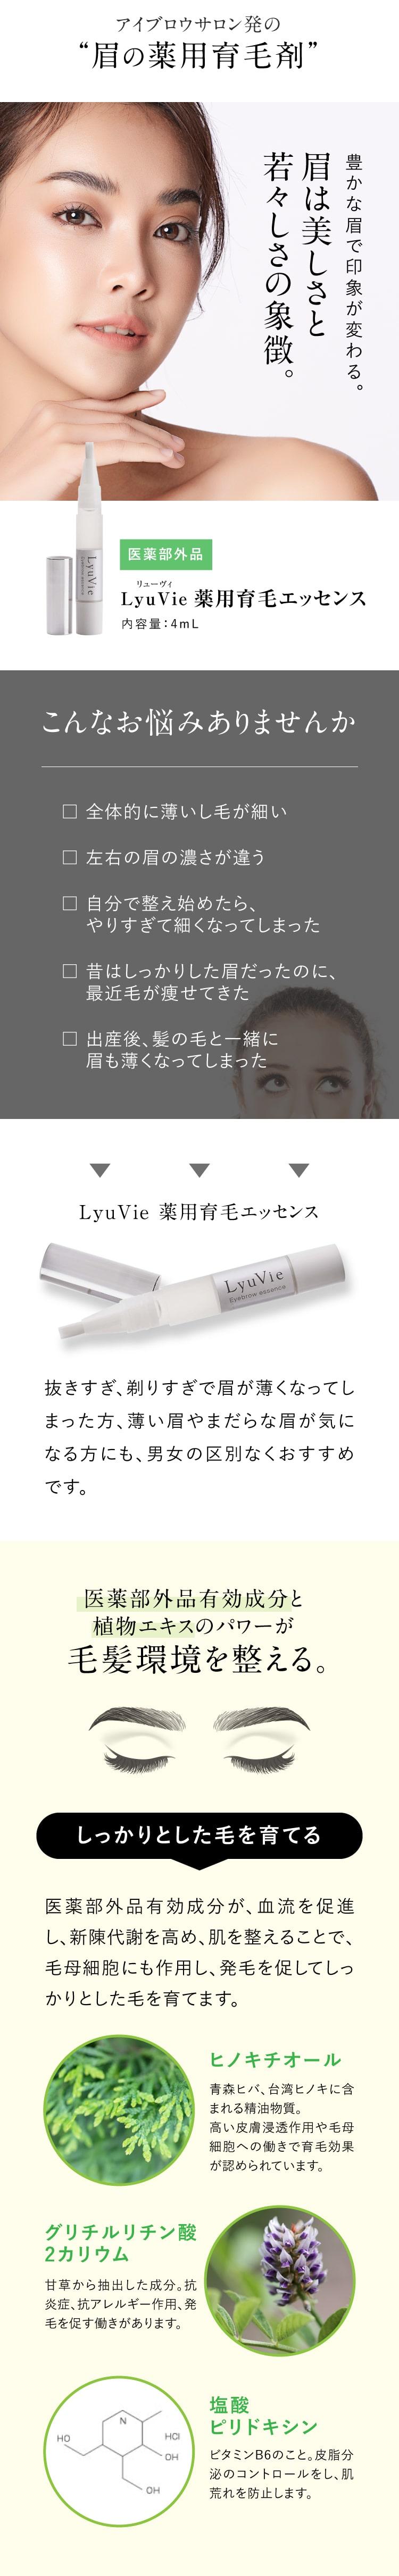 眉の薬用育毛剤リューヴィ